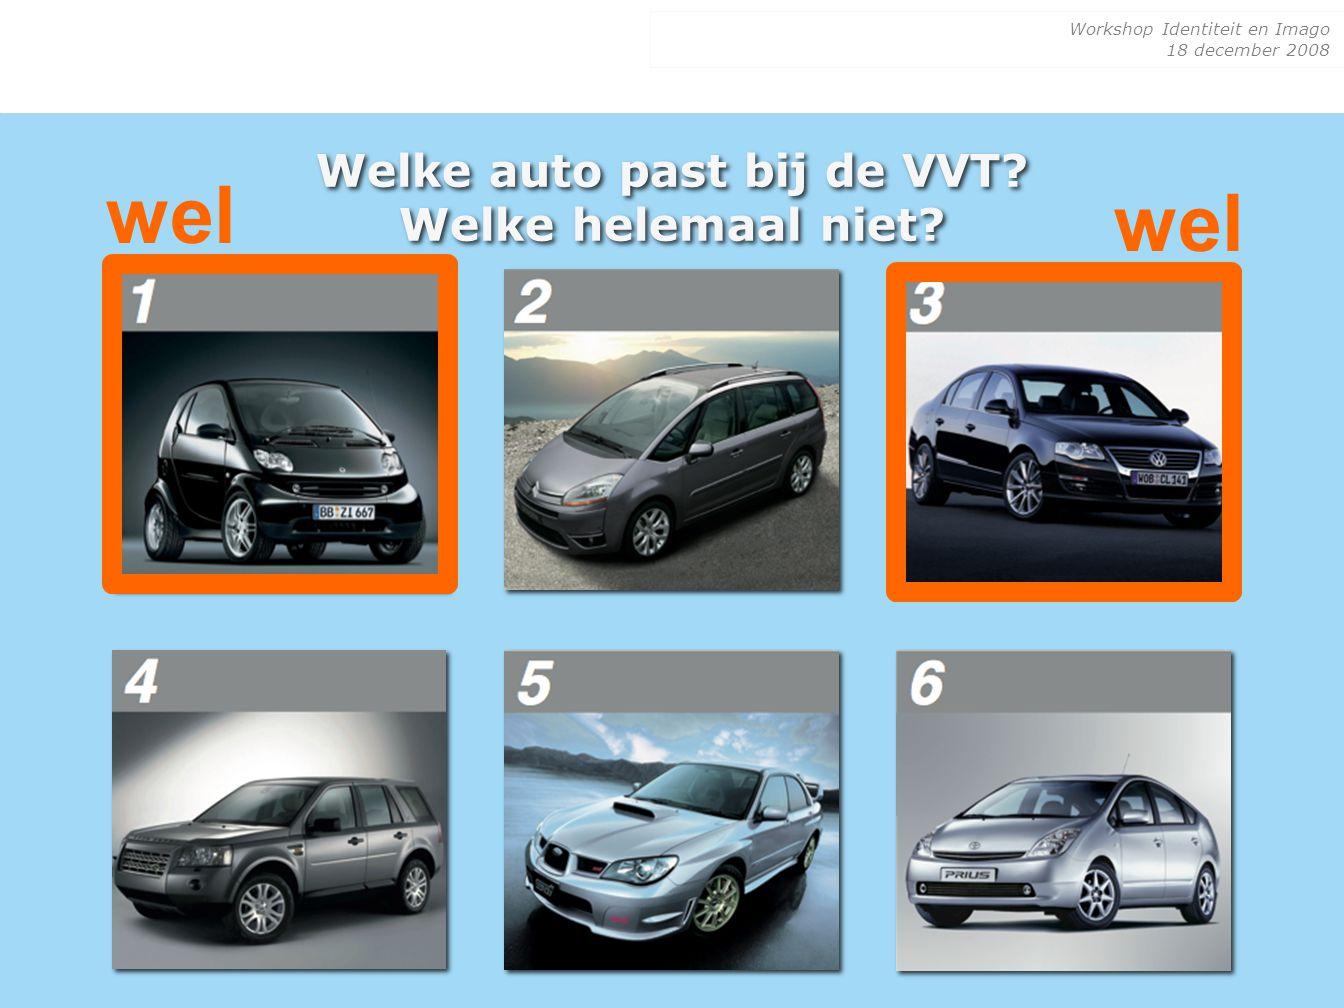 Workshop Identiteit en Imago 18 december 2008 Welke auto past bij de VVT? Welke helemaal niet? wel